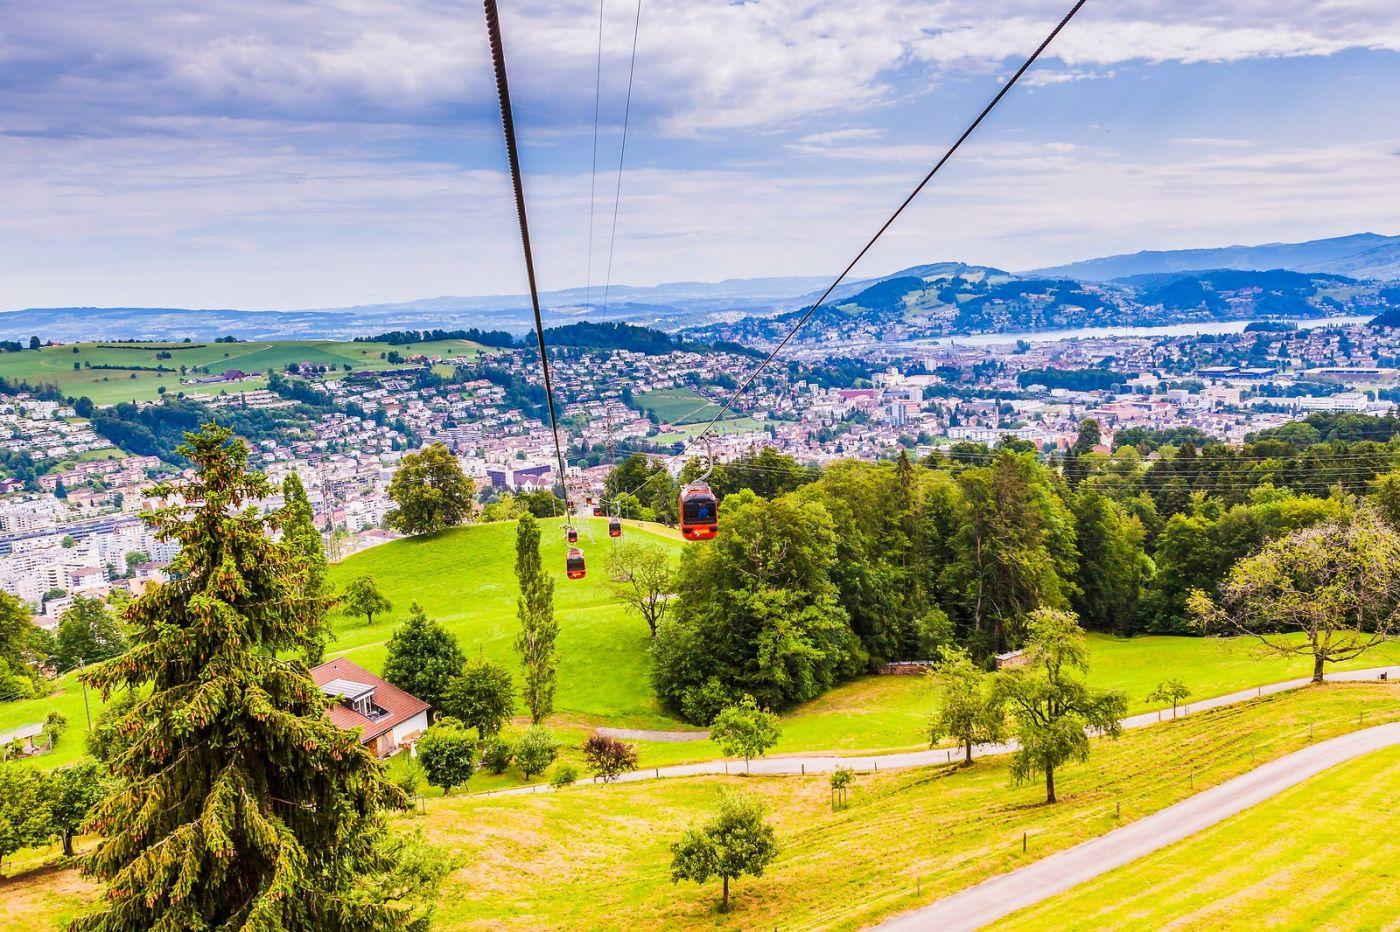 瑞士卢塞恩(Lucerne),坐缆车看风景_图1-23